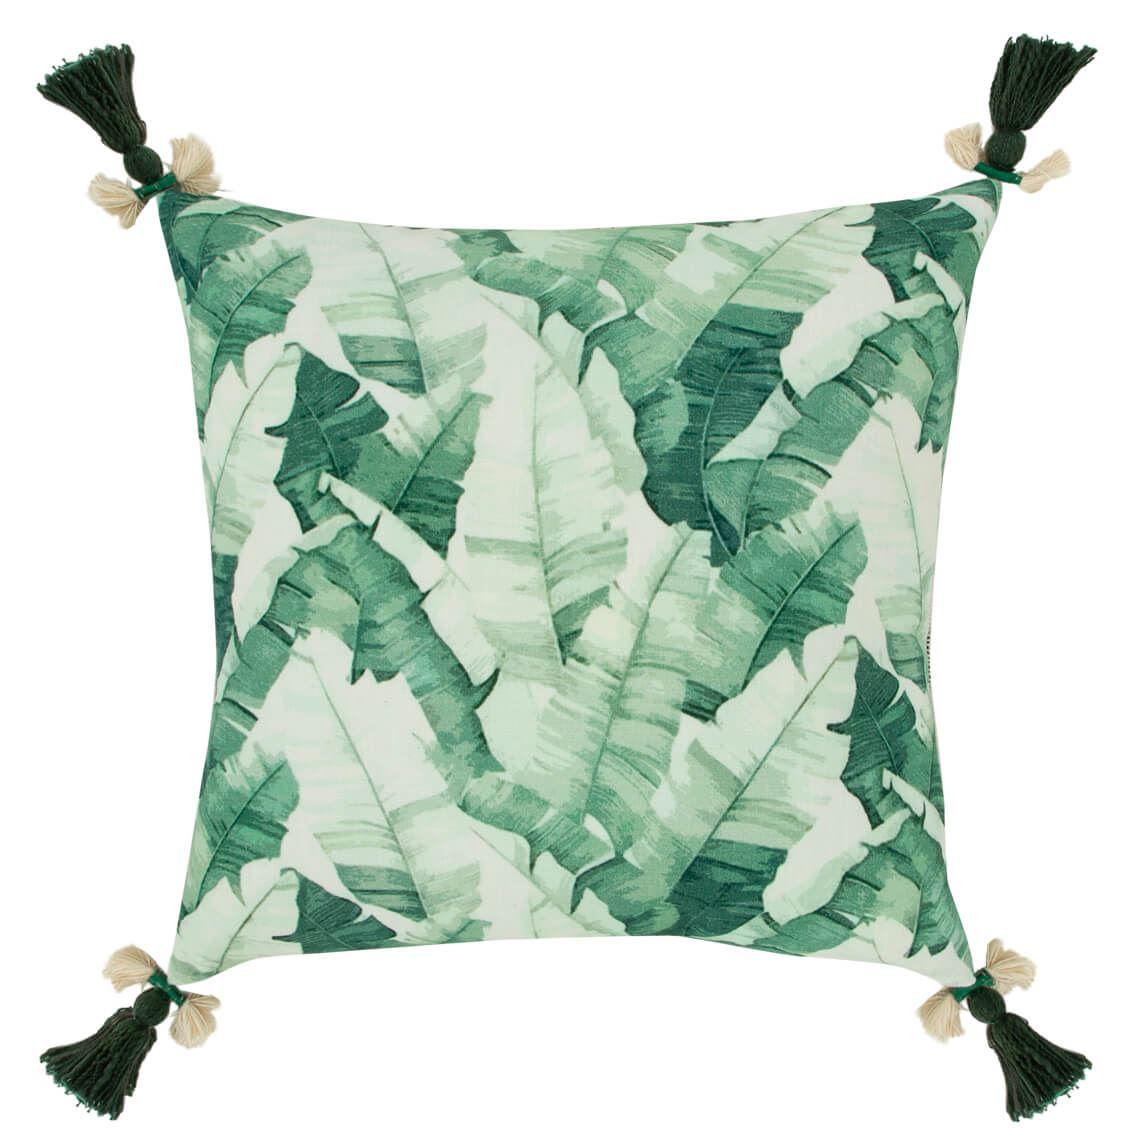 Purnda Cushion Size W 50cm x D 50cm x H 10cm in Green Freedom